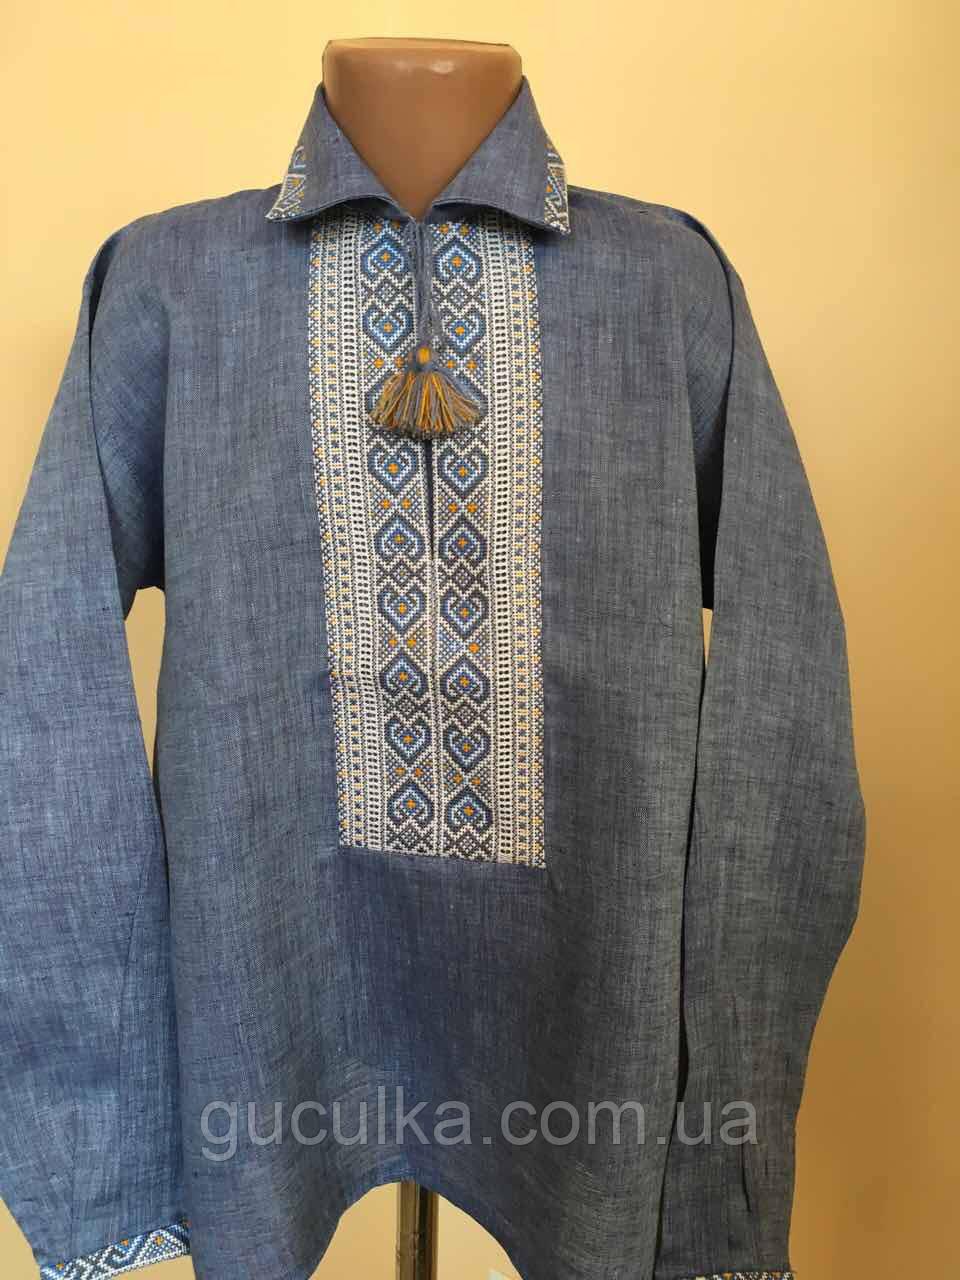 b071047263a157 Вишиванка синій льон на комірець для хлопчика 9-10 років: продажа ...